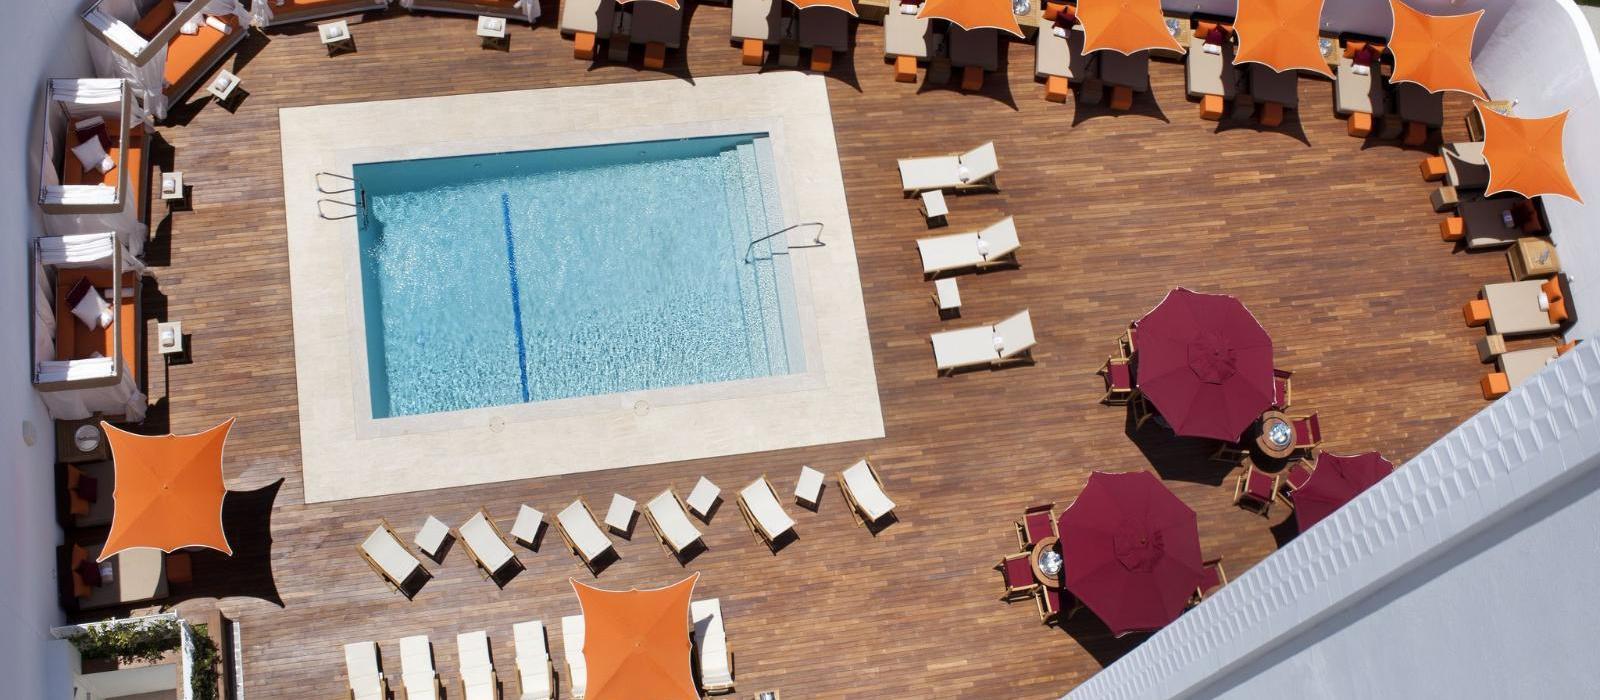 比佛利山庄C先生酒店(Mr. C Beverly Hills) 图片  www.lhw.cn